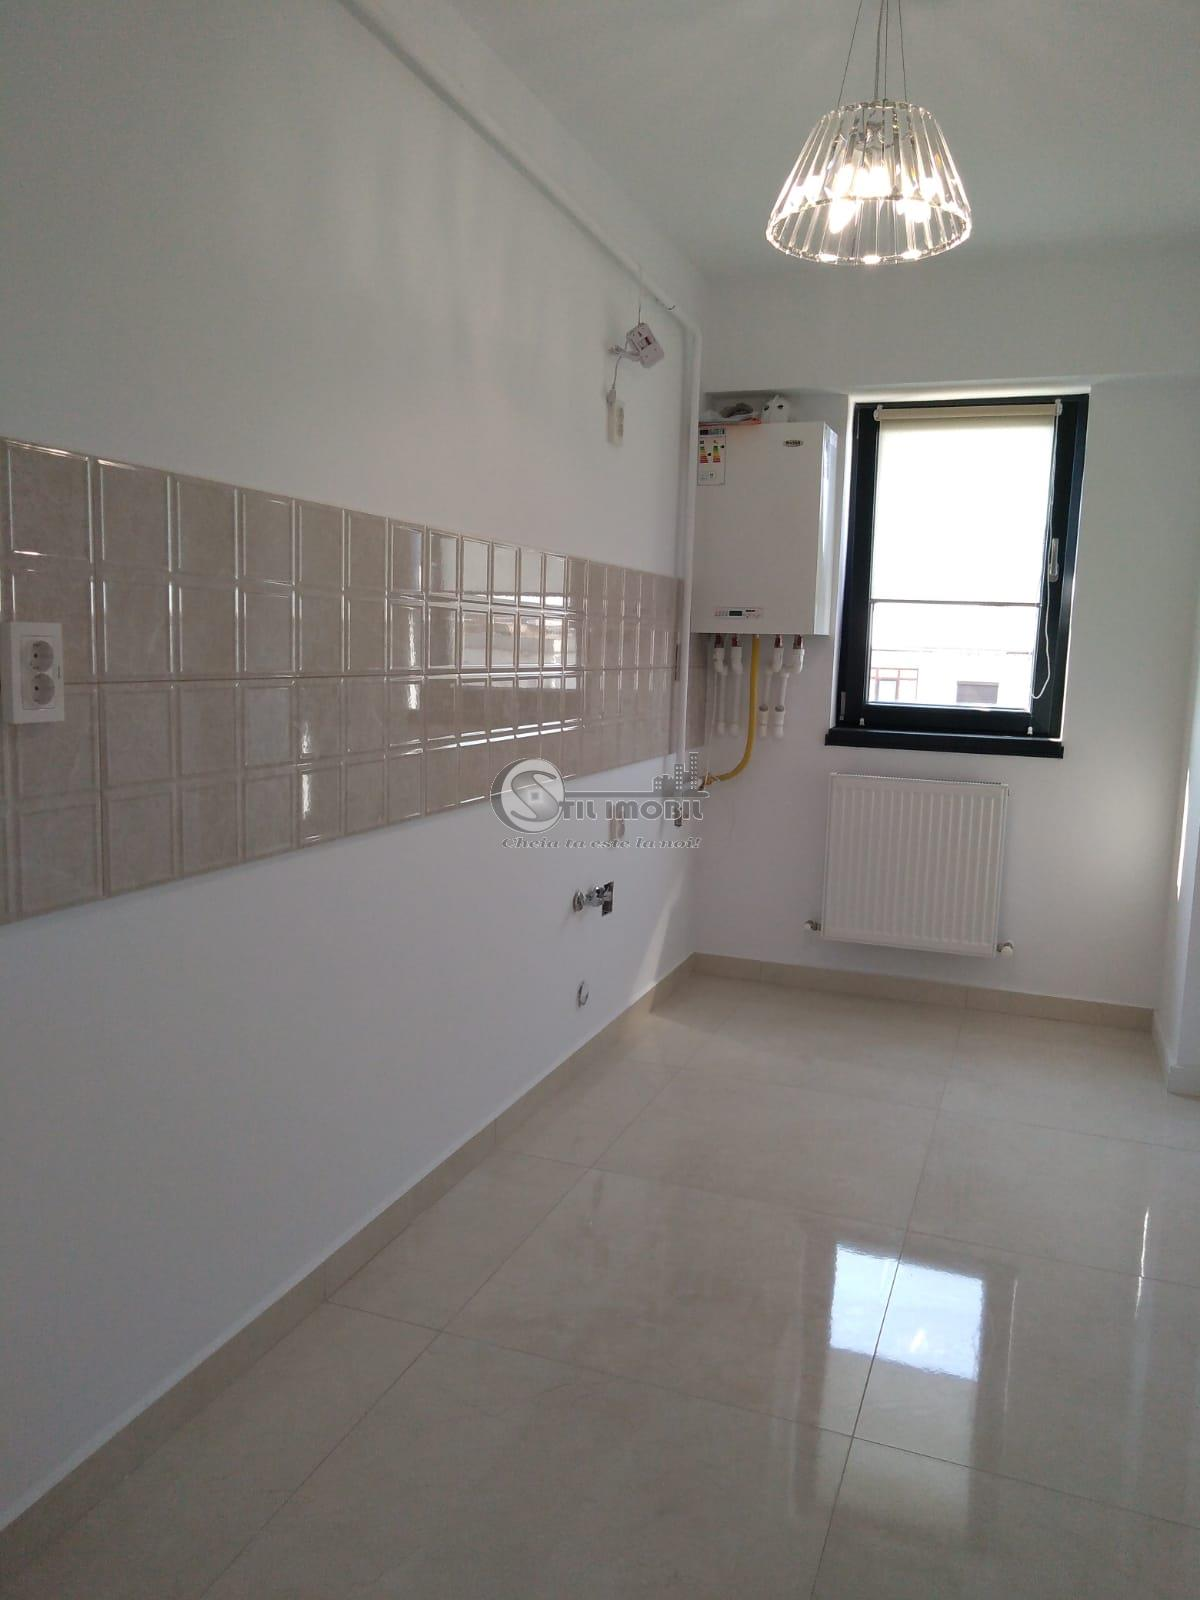 Apartament 3 camere, 74mp, CUG bloc nou